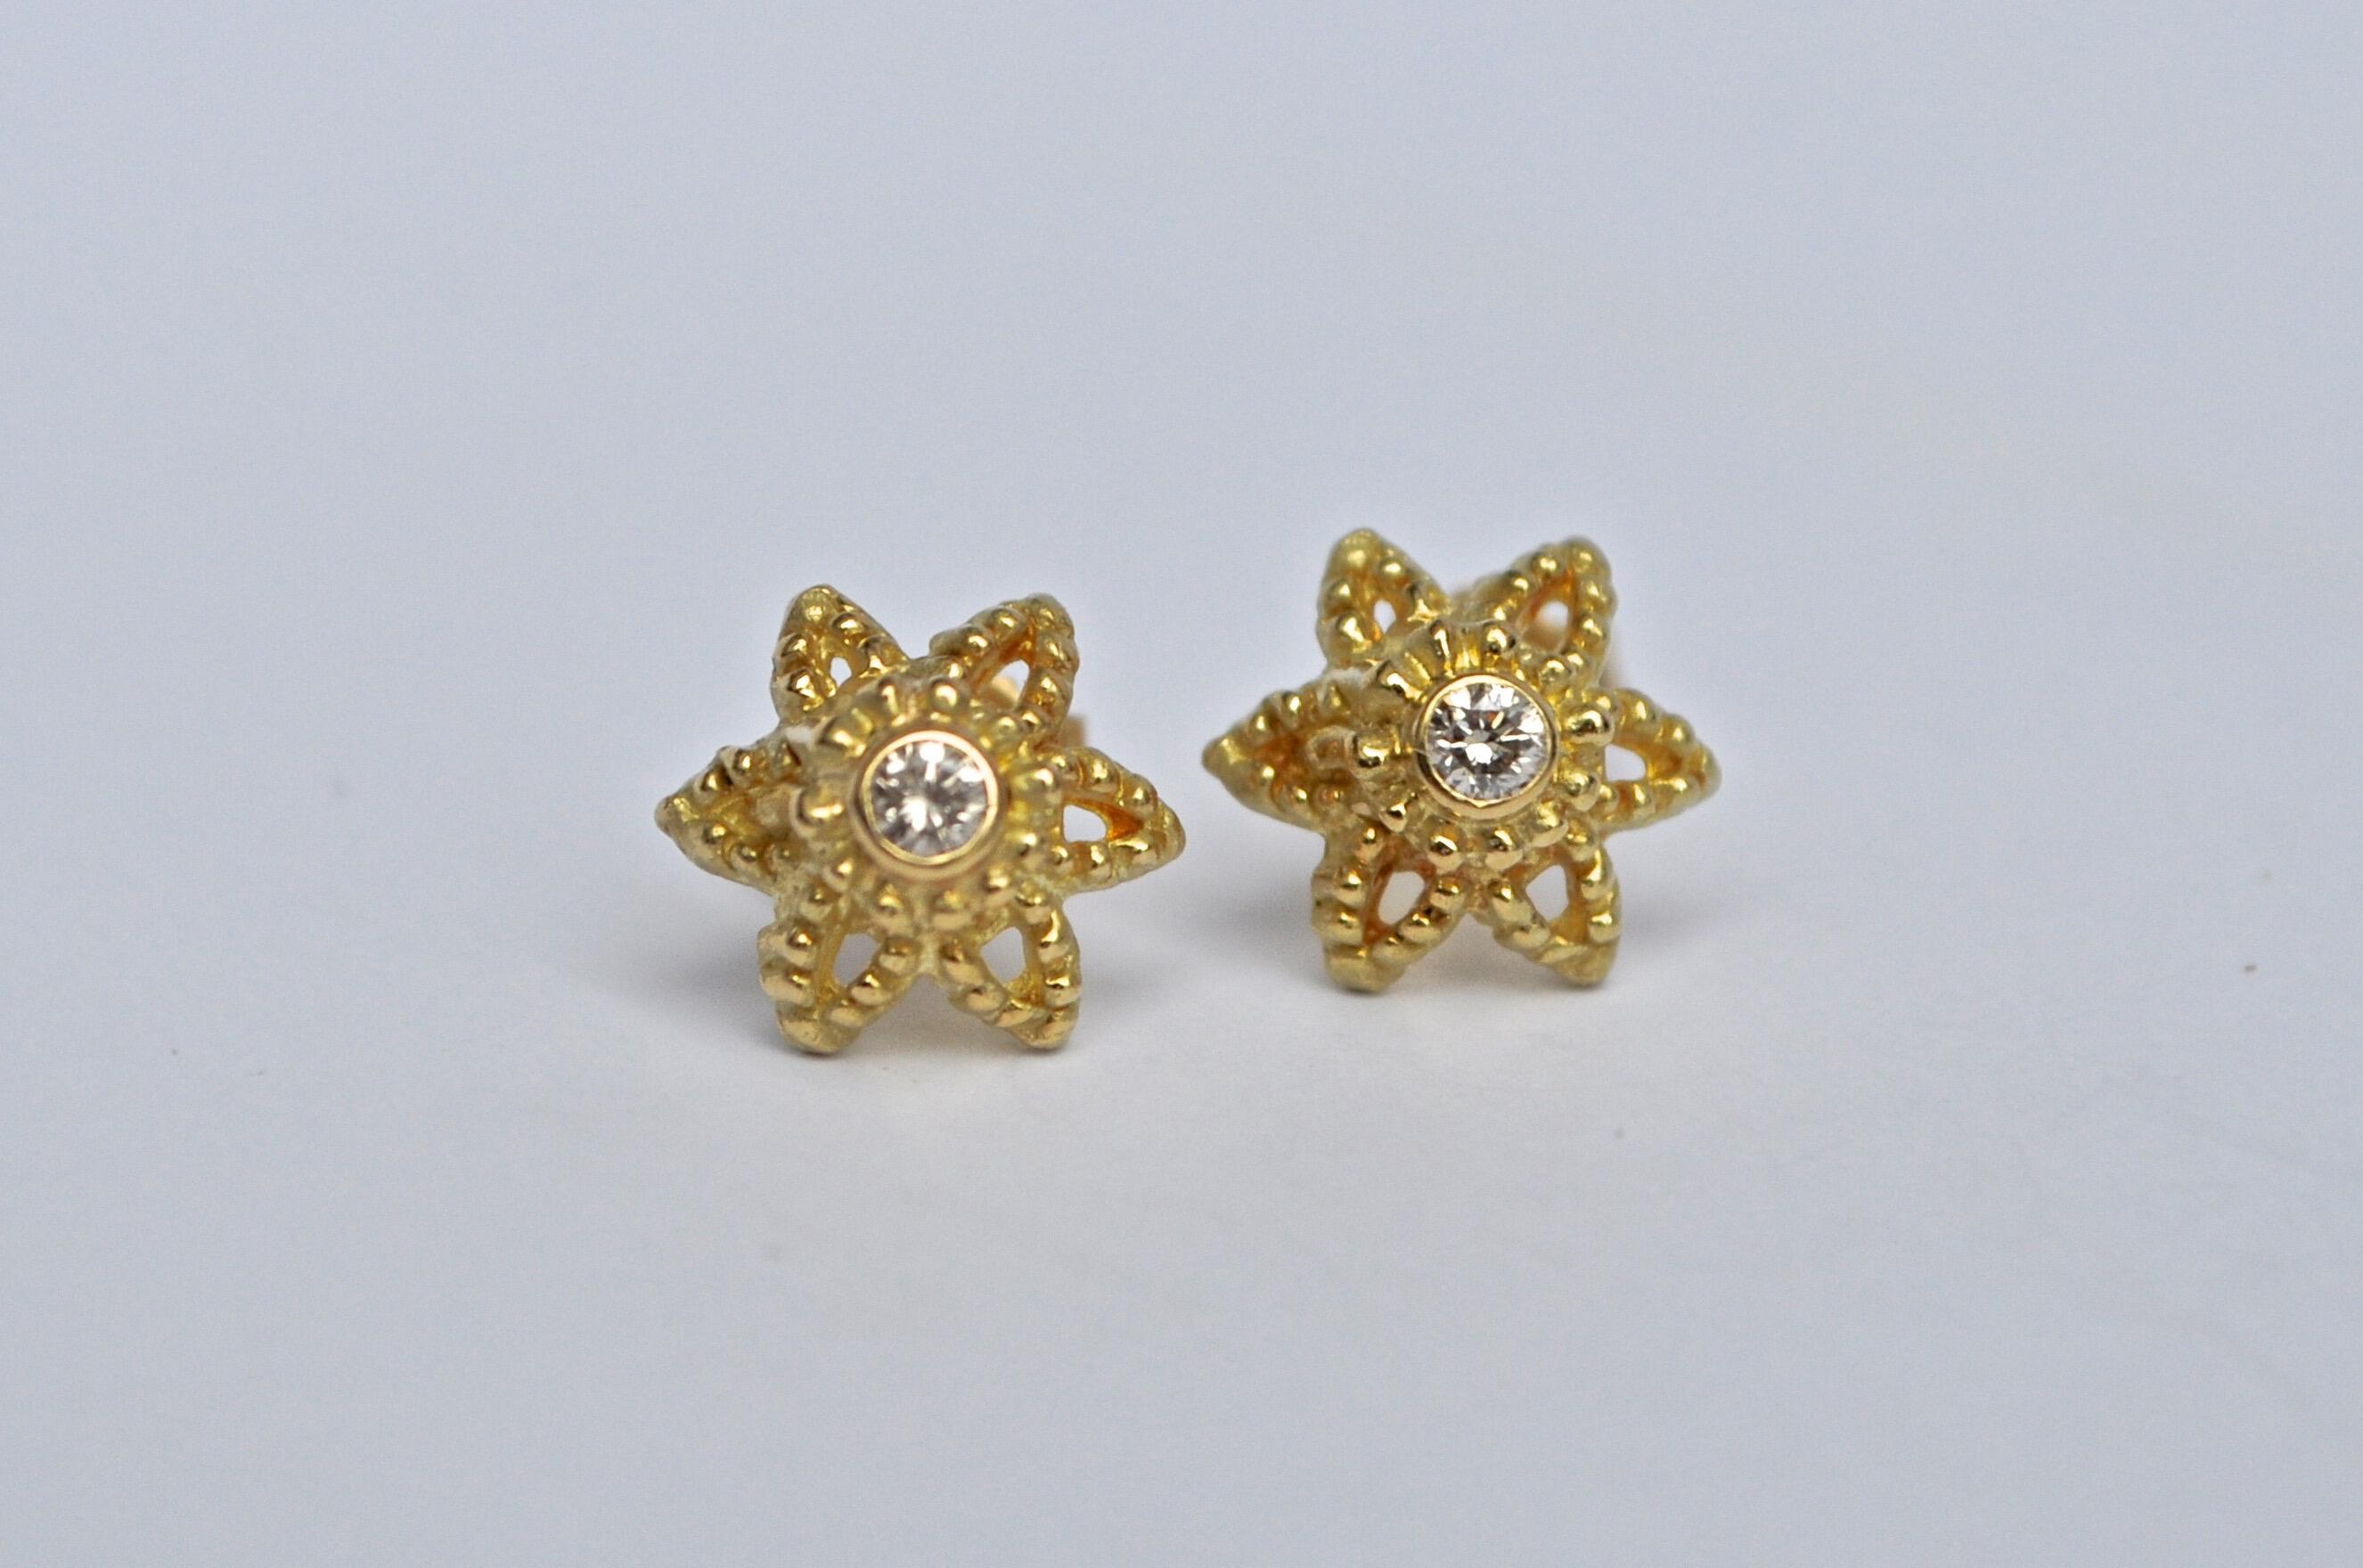 Boucles d'oreilles petites fleurs, boucles d'oreilles en or, boucles d'oreilles en diamant